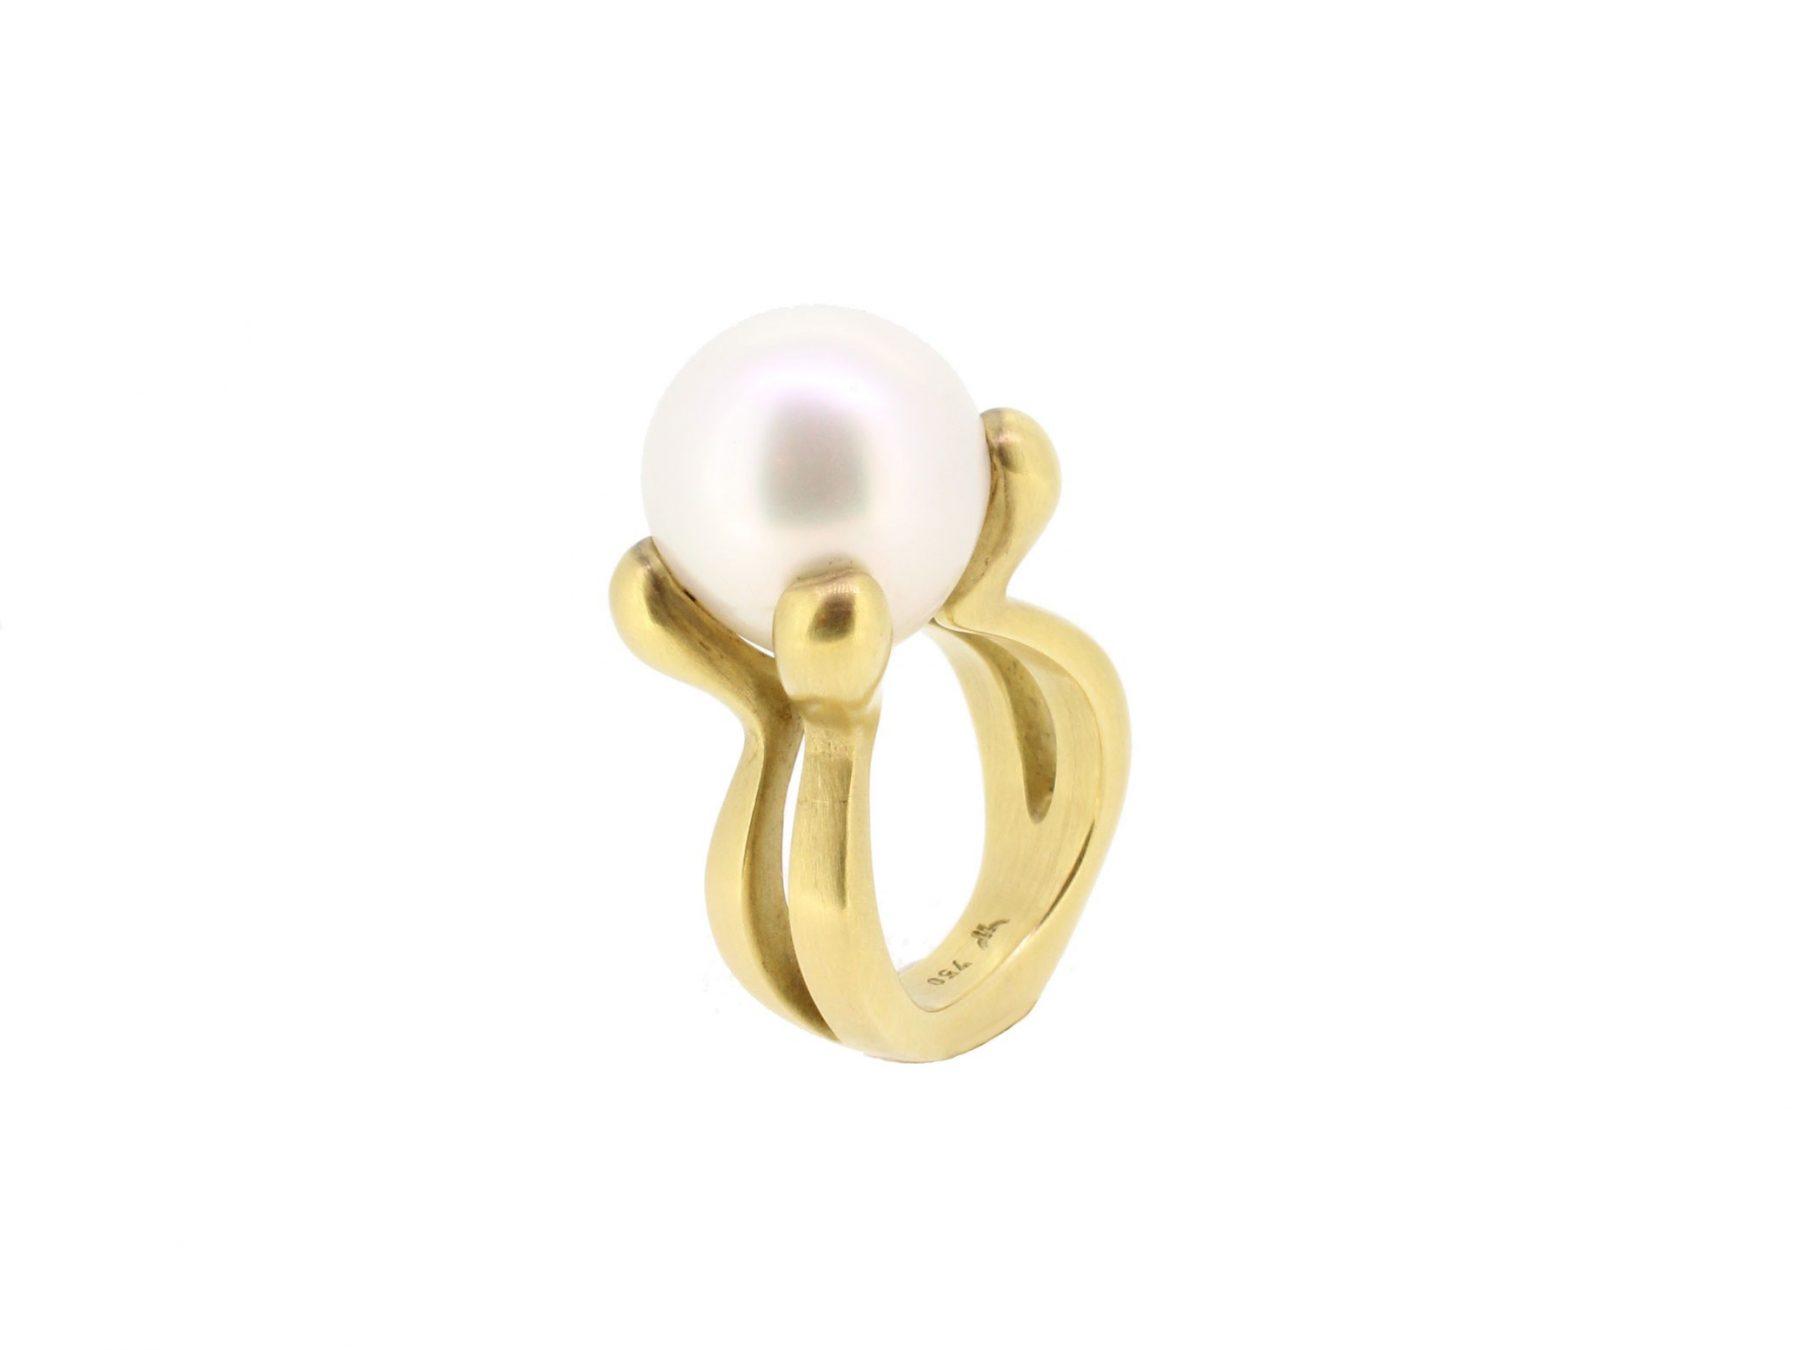 Ring Einperler 18ct Goldgold - Corinna Heller - 4055-2266